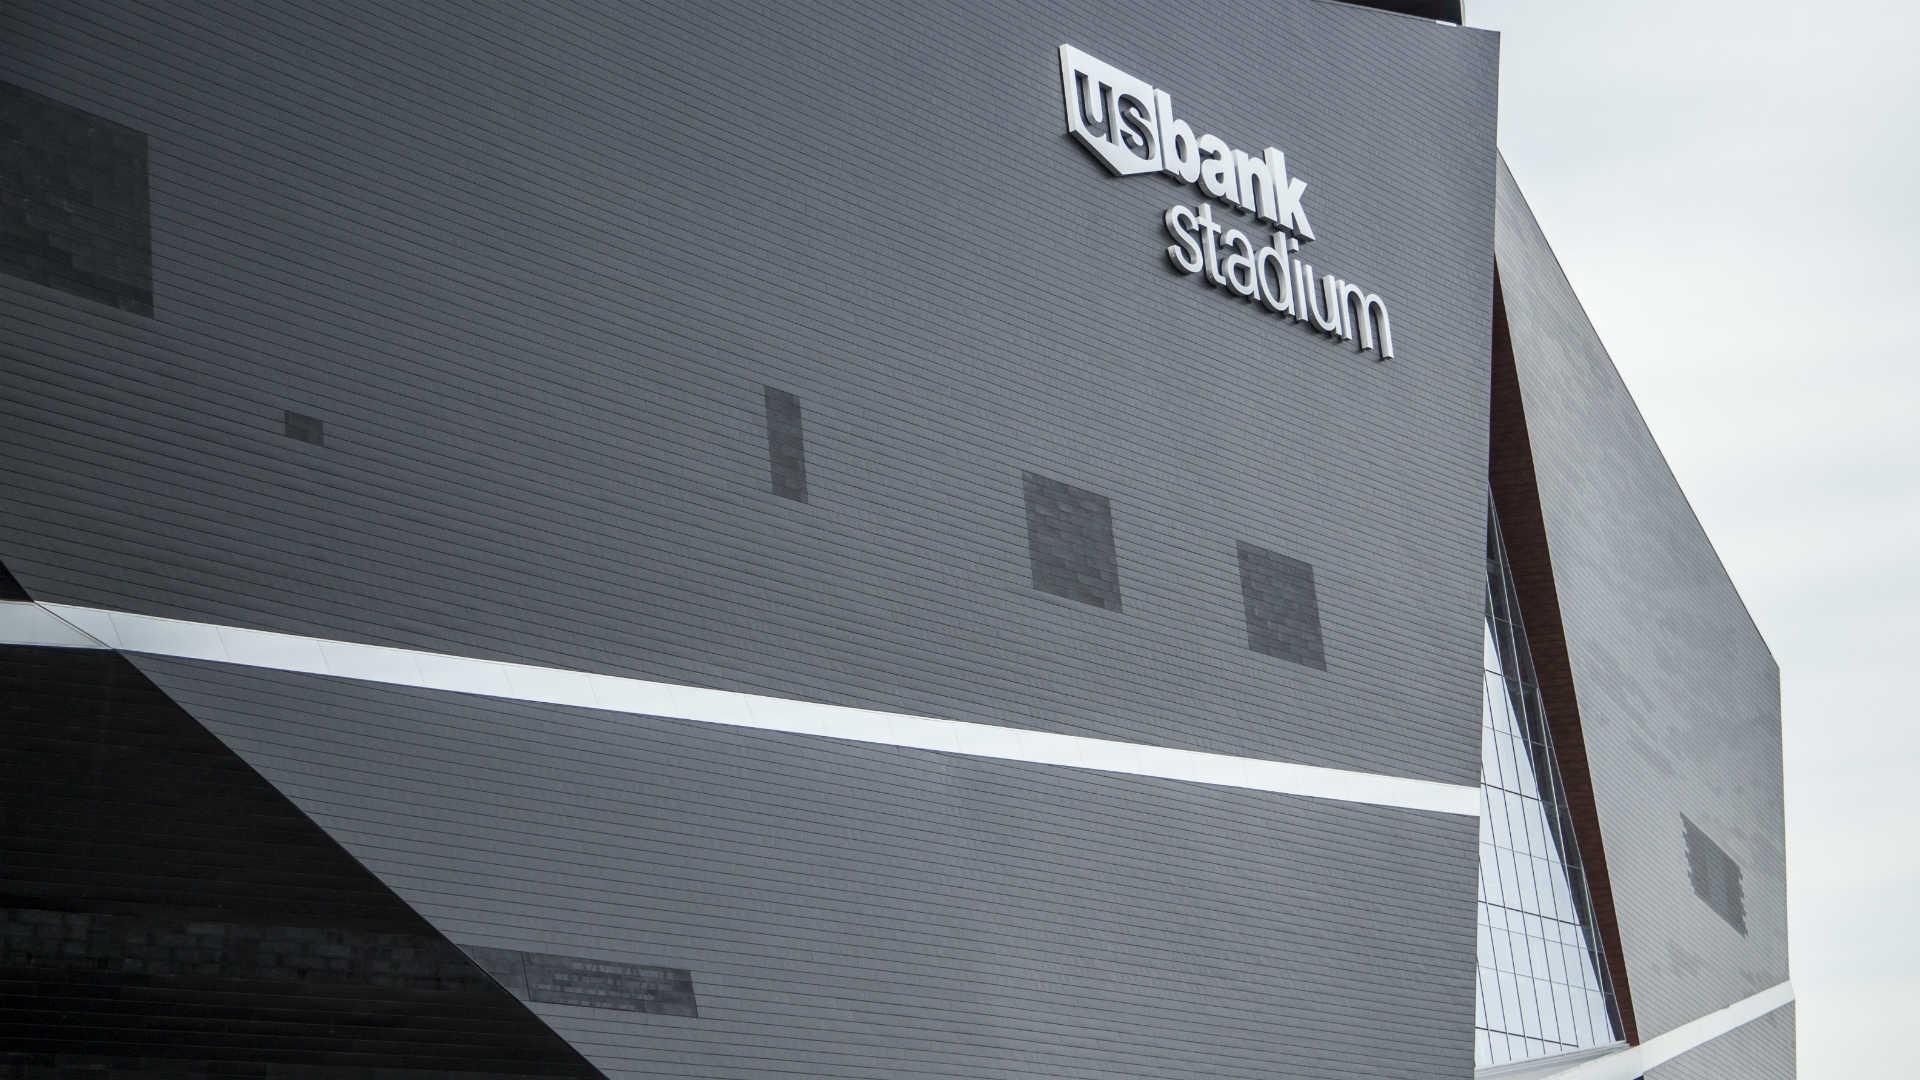 Us-bank-stadium_pwb39xws9niu1o4uvkuy9ooyt